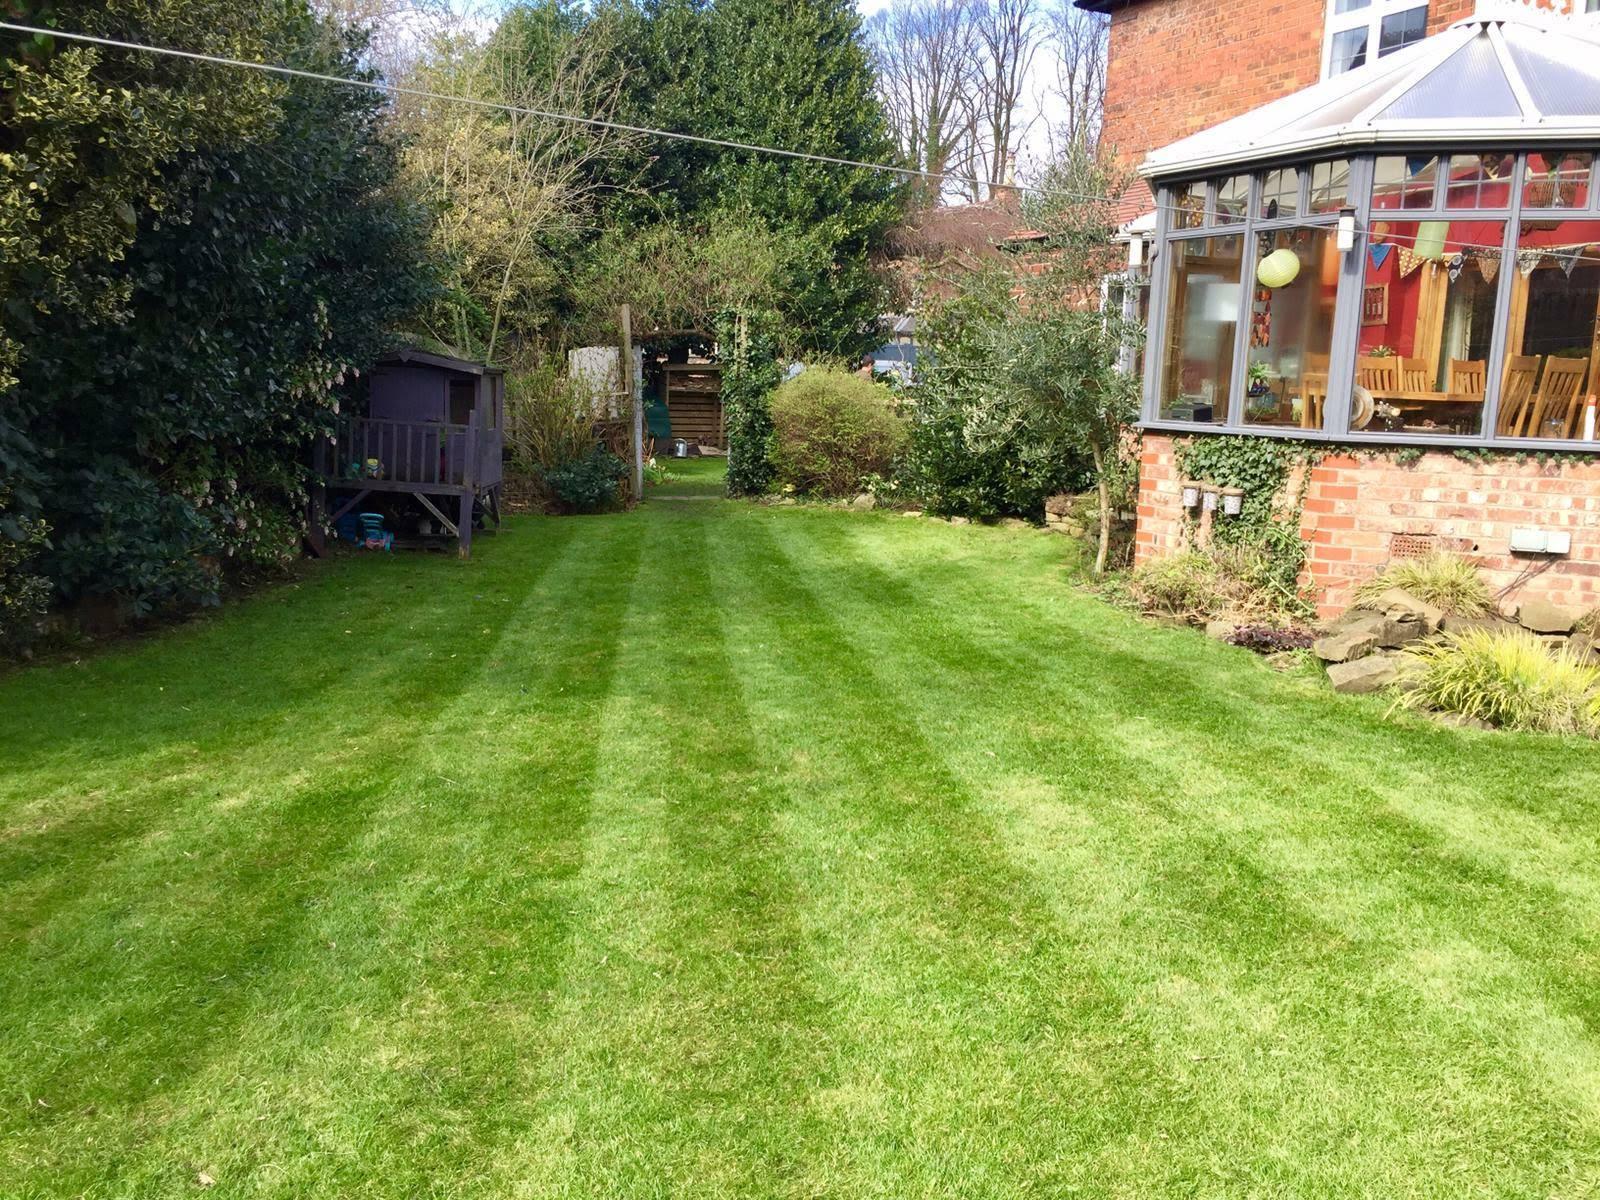 hale lawn services